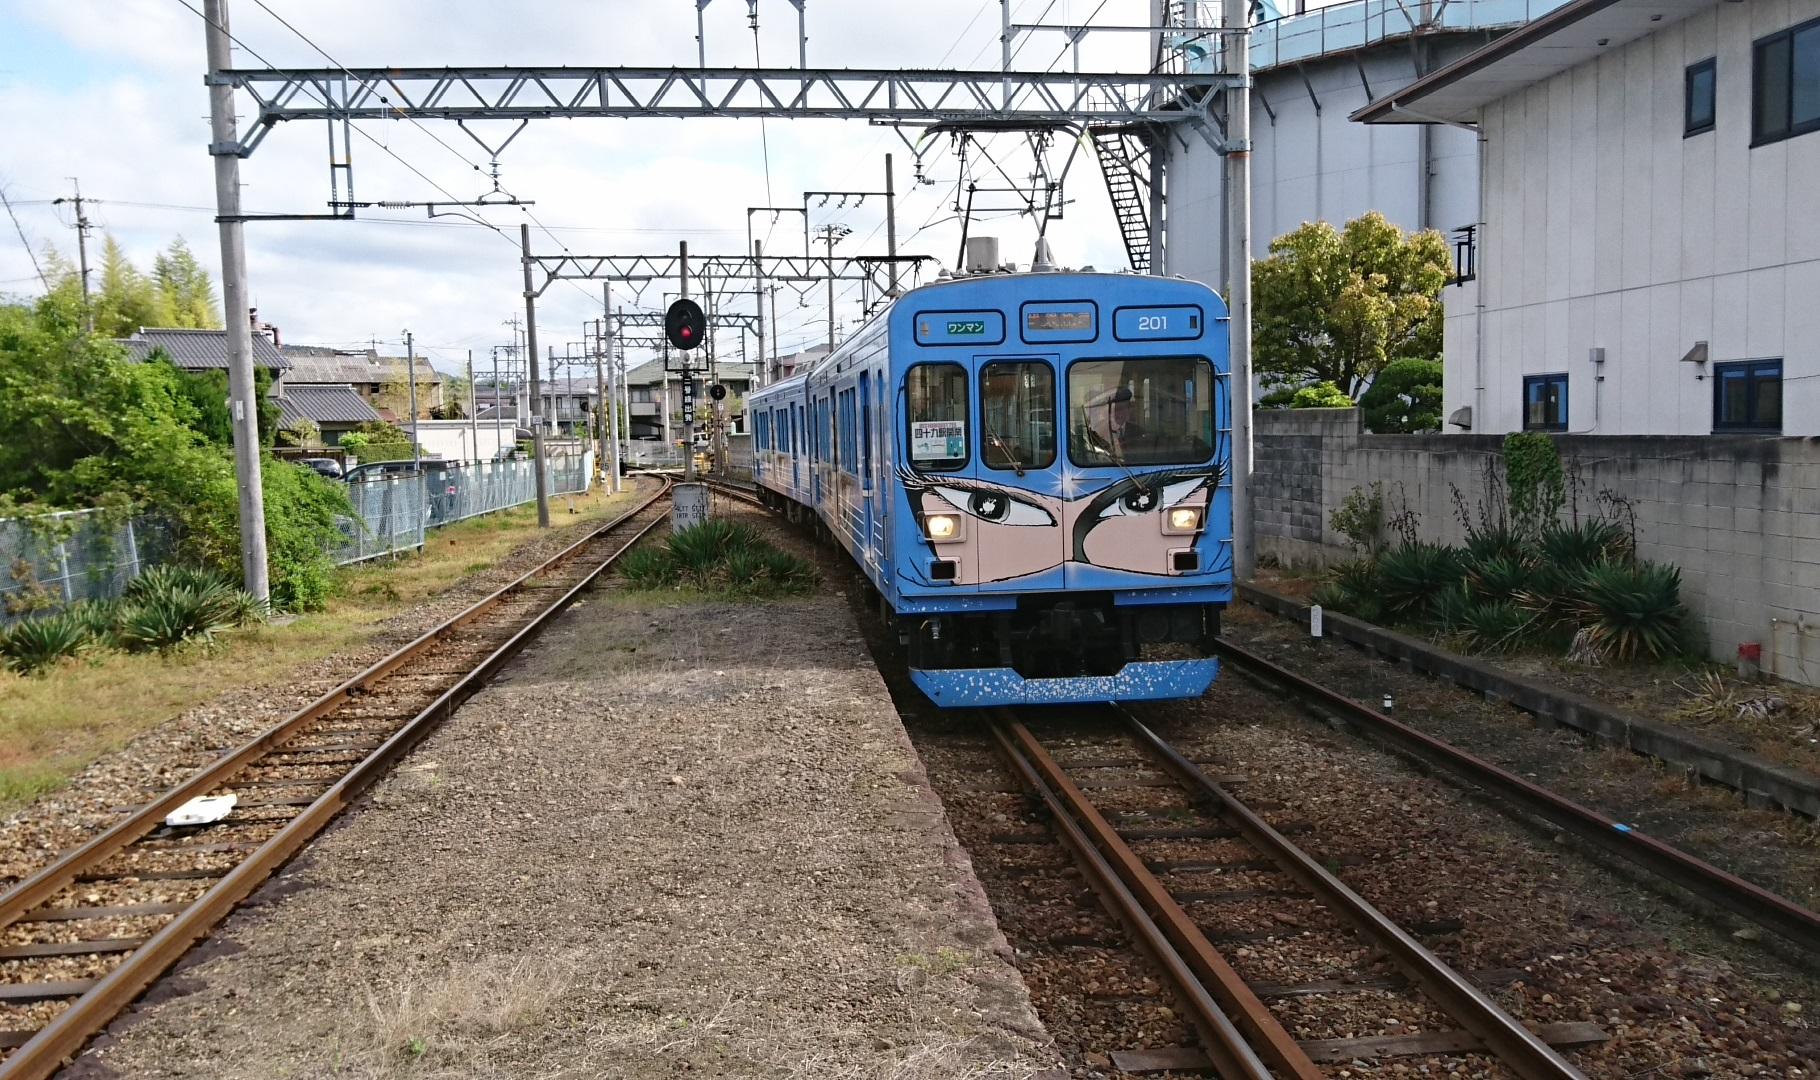 2018.4.26 上野 (37) 茅町 - 伊賀神戸いきふつう 1820-1080